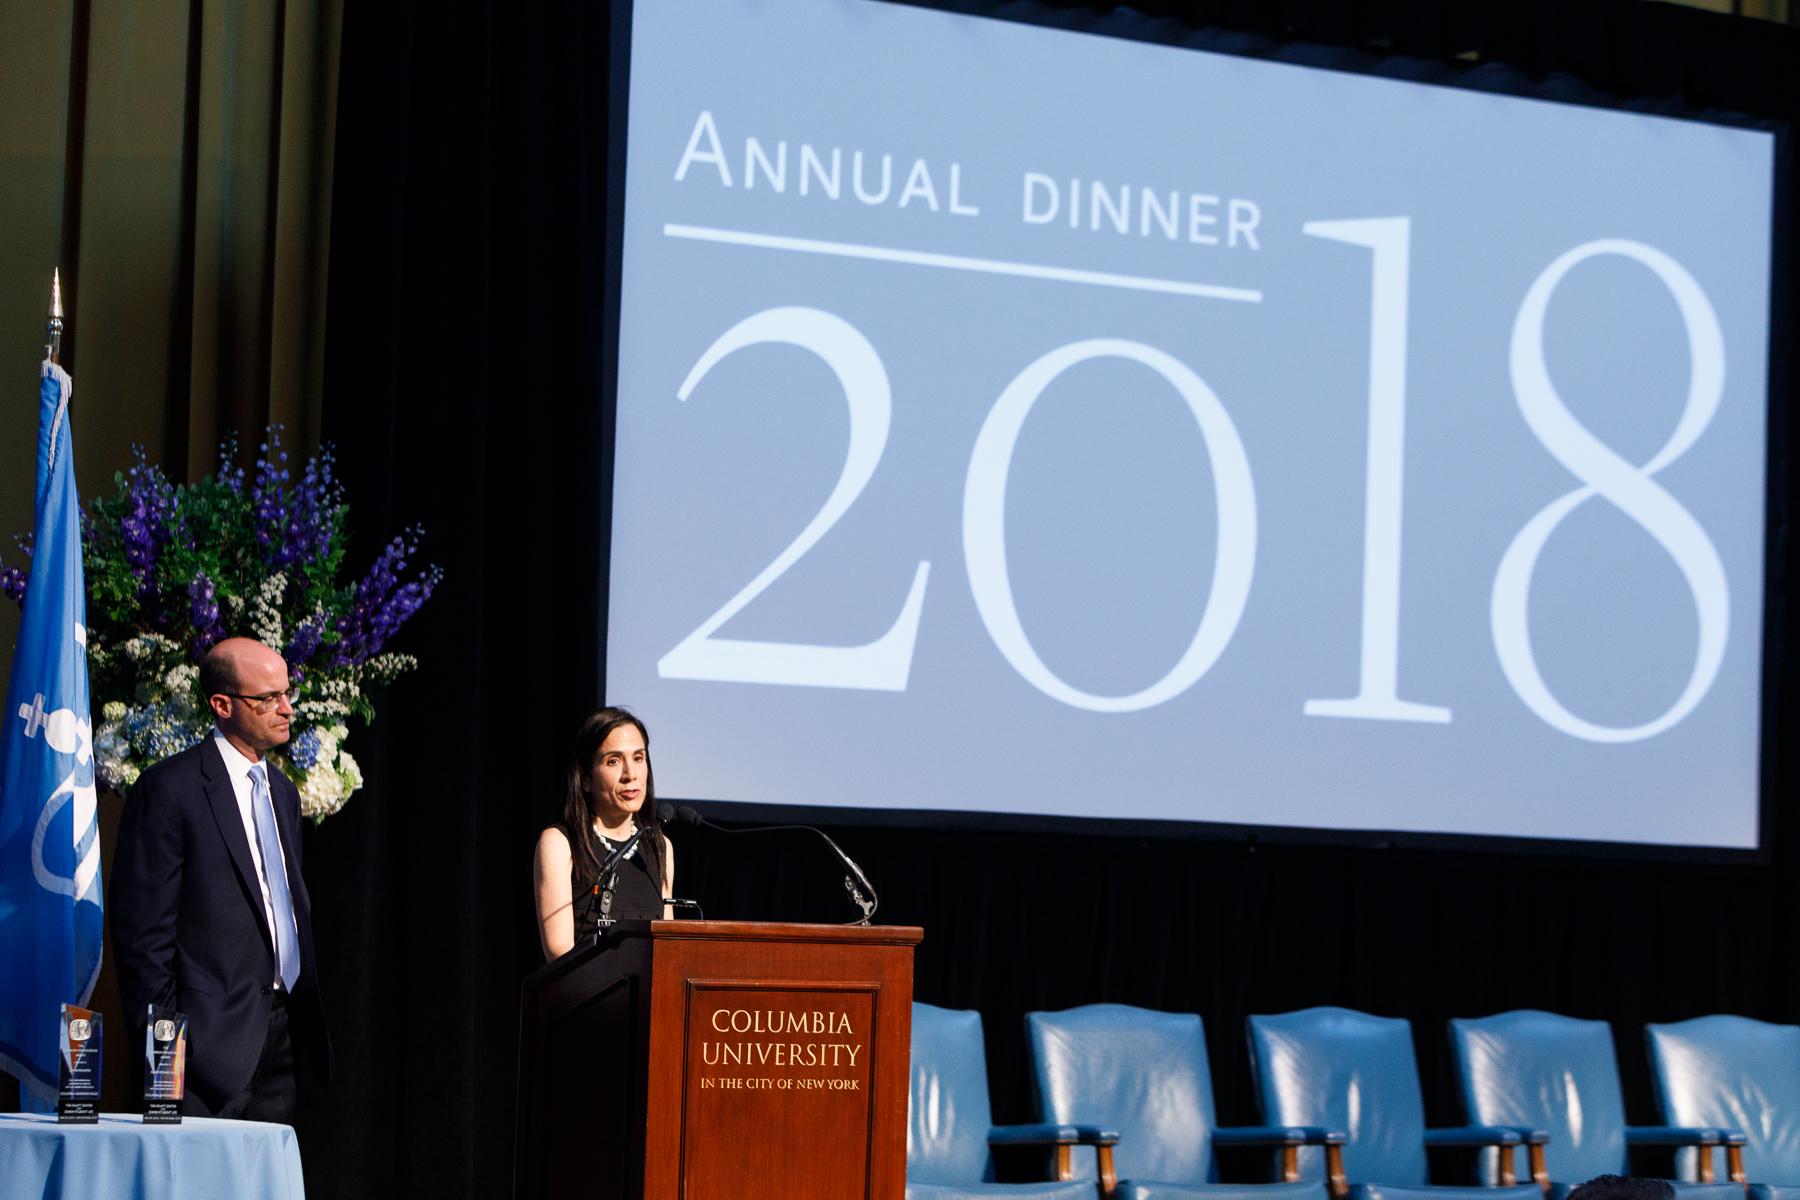 Seixas Dinner 2018 _   Jonathan Heisler   _   5.29.2018 _ 00217.jpg